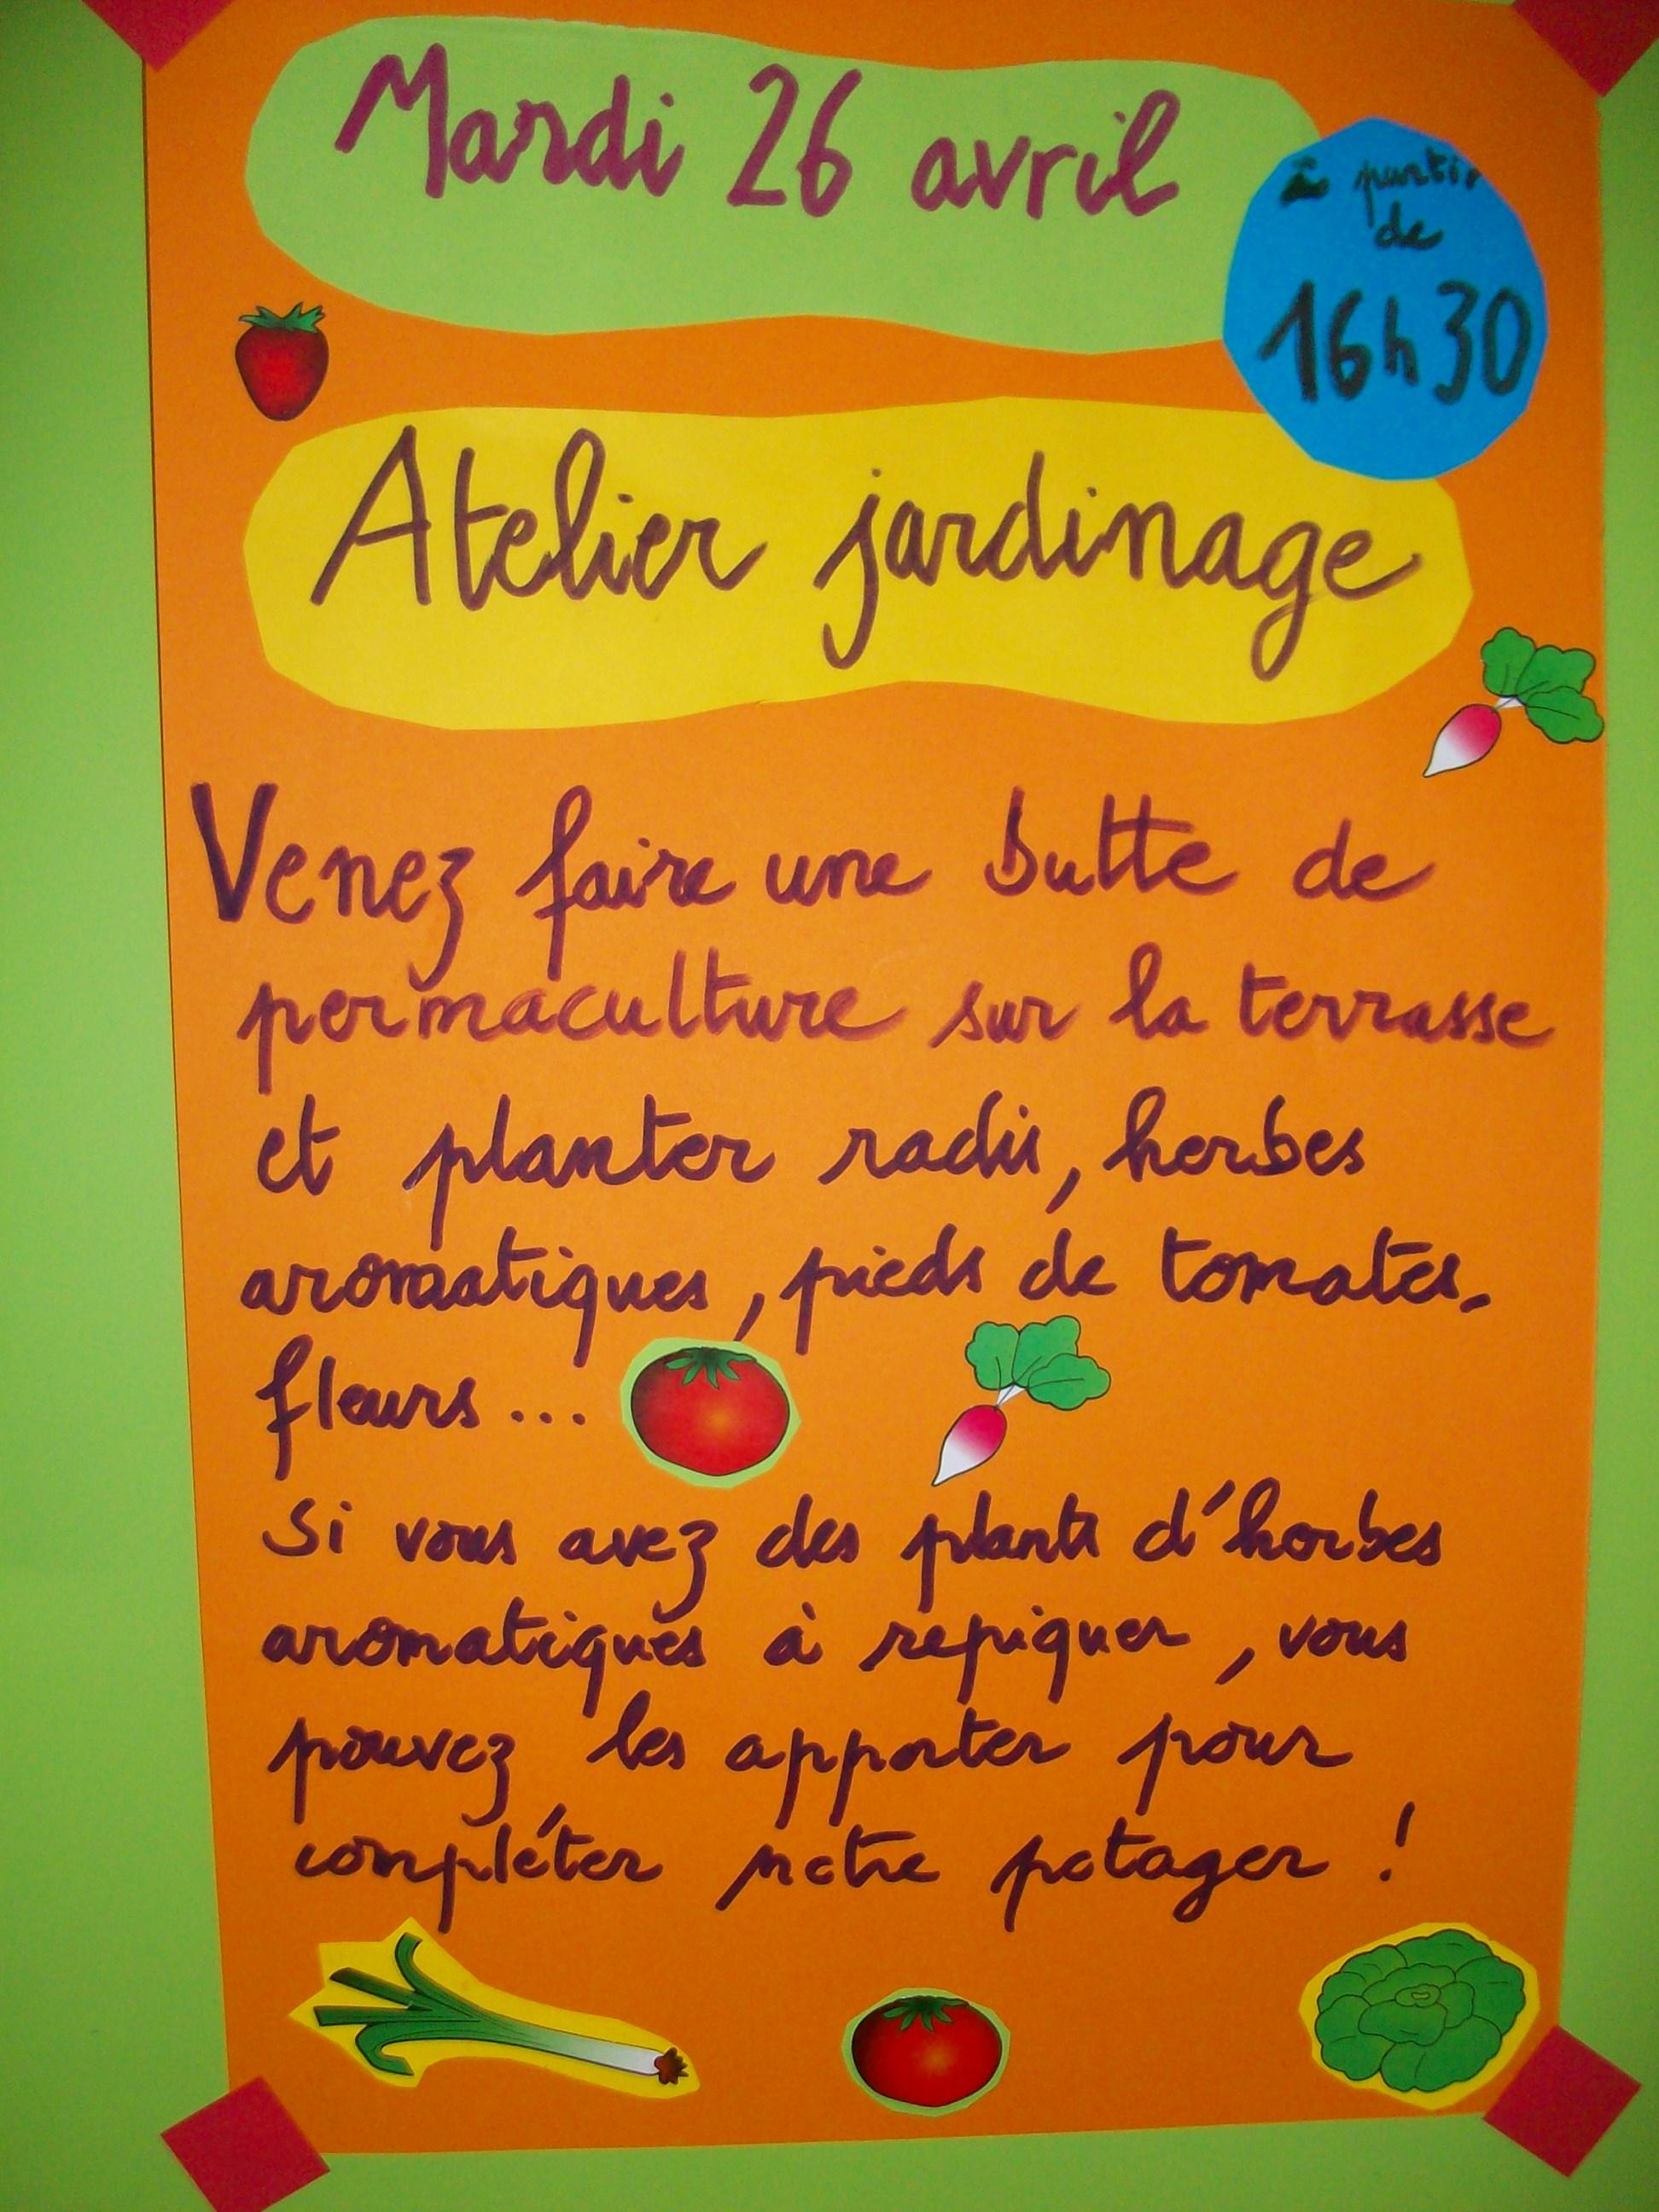 Cr che saint bernard projet jardinage la cr che vaucanson for Objectif atelier cuisine en creche